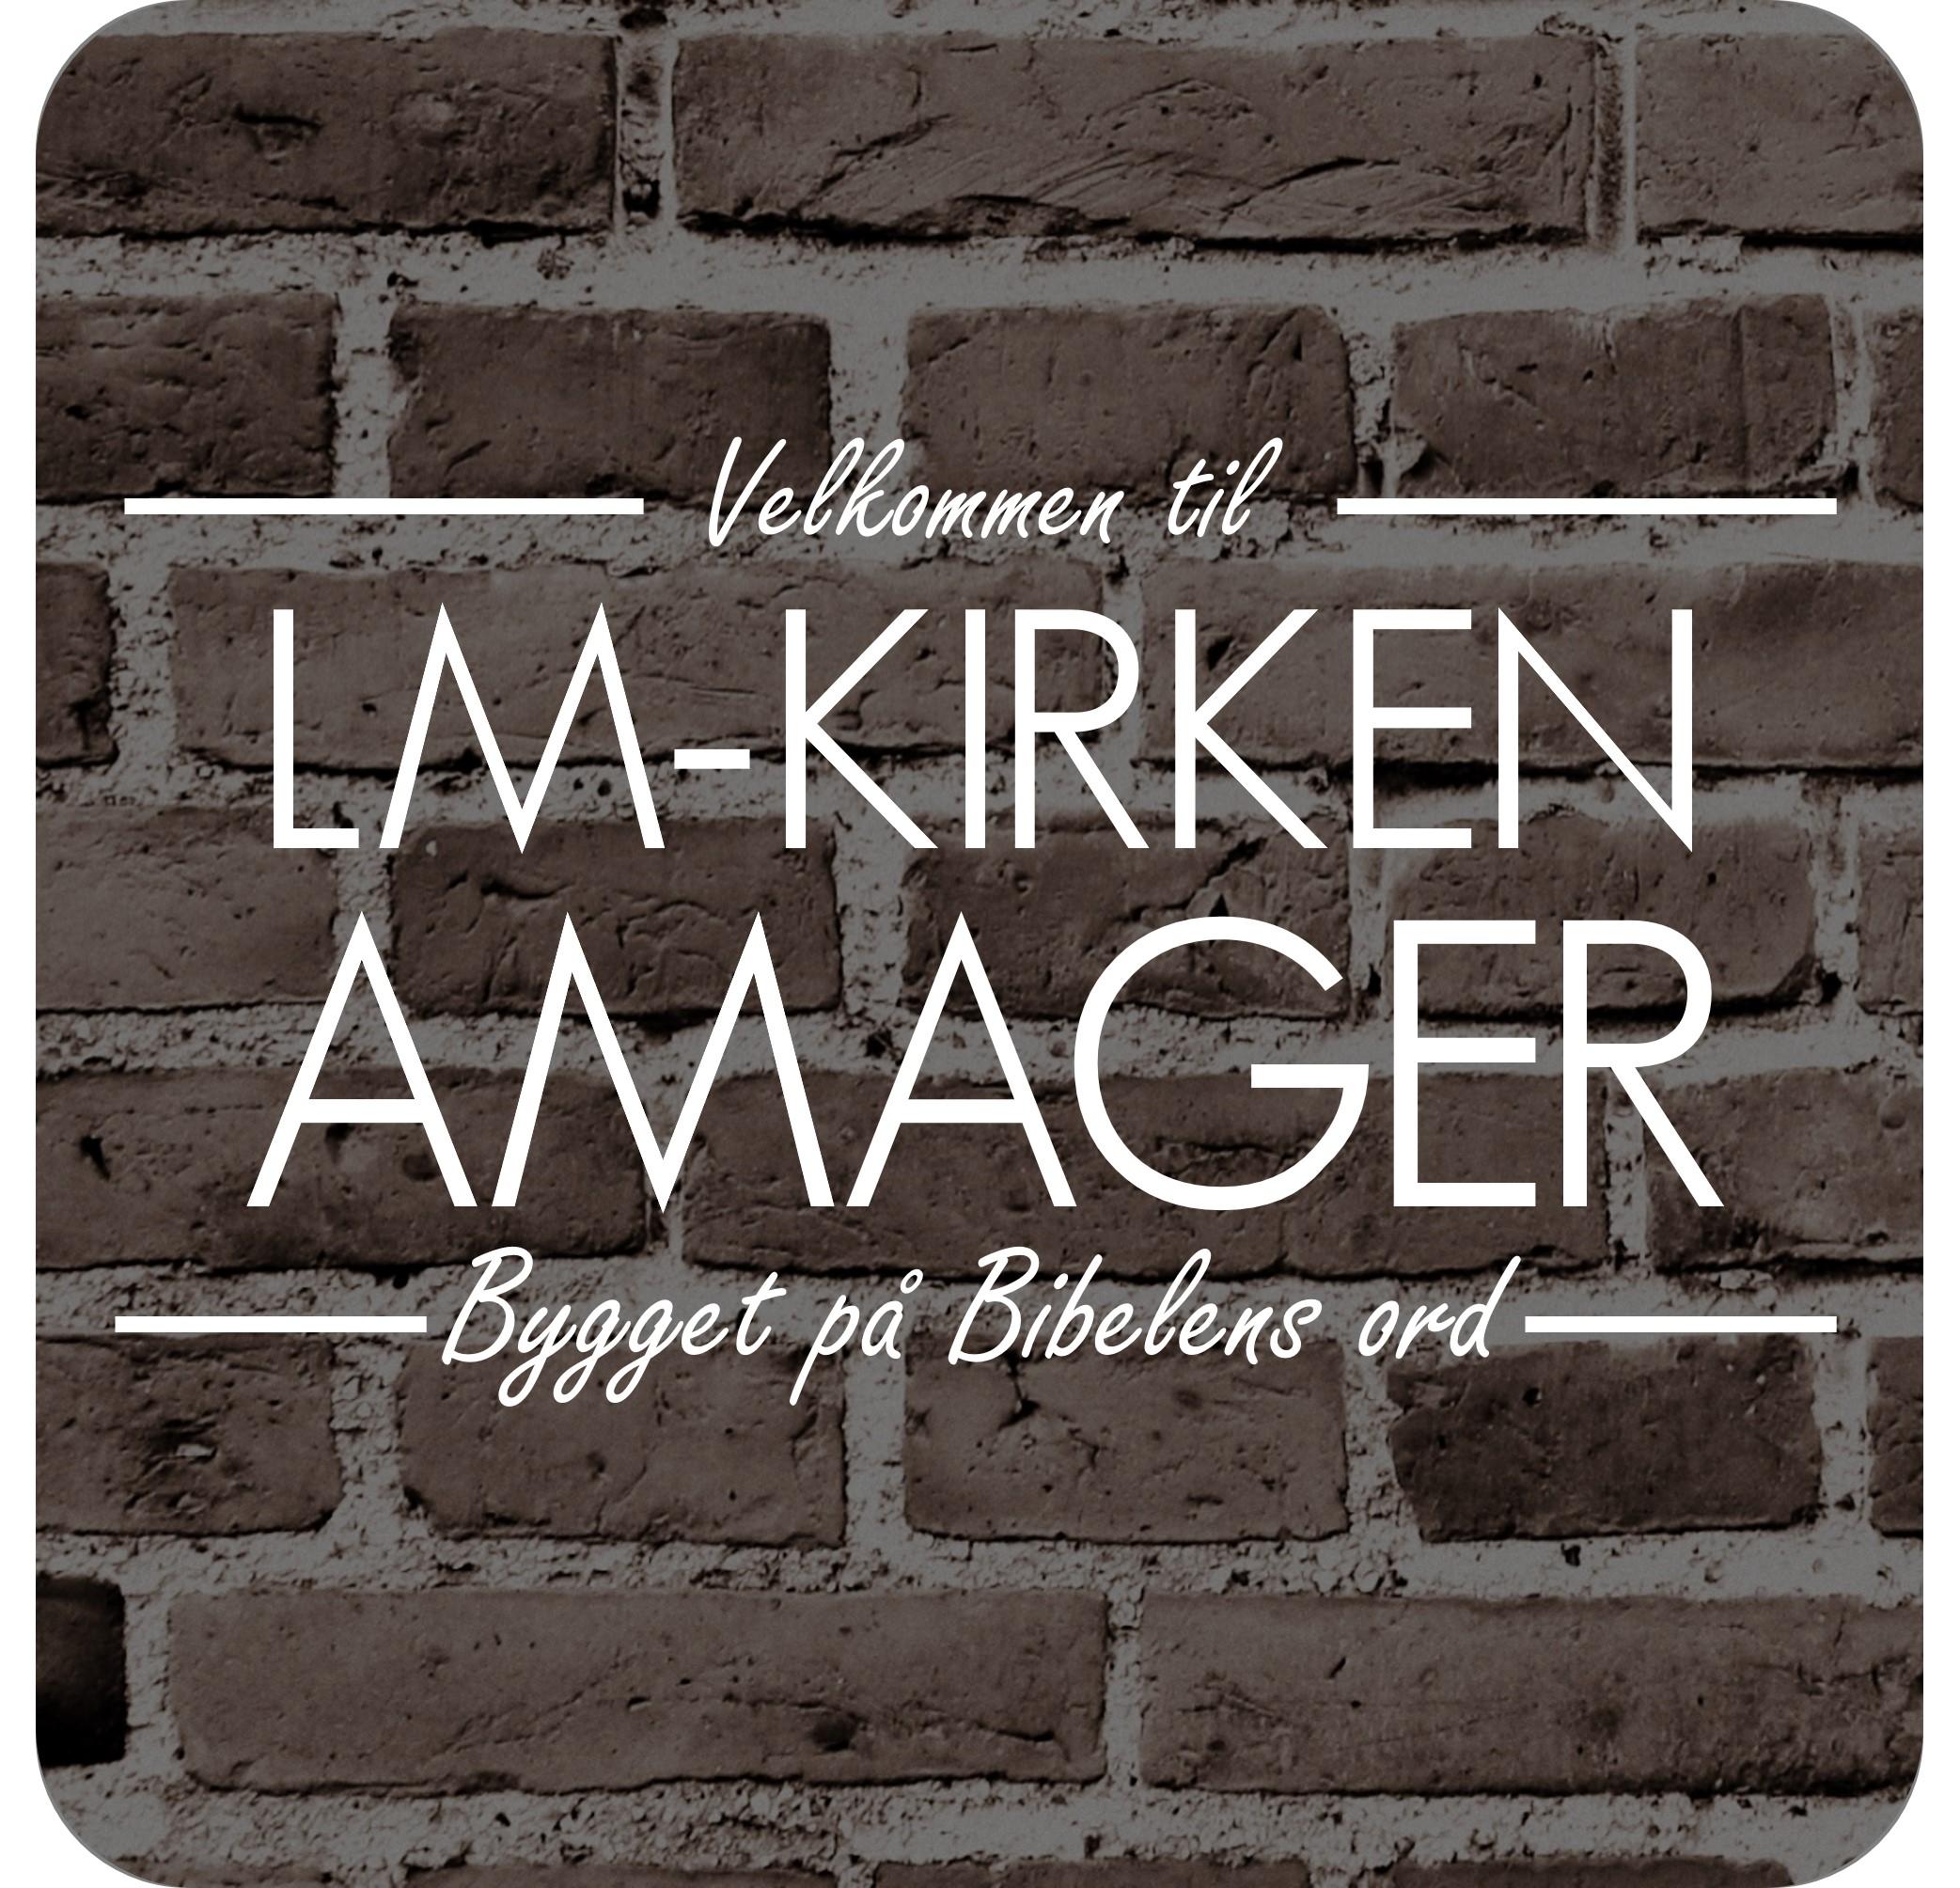 LM-kirken Amager